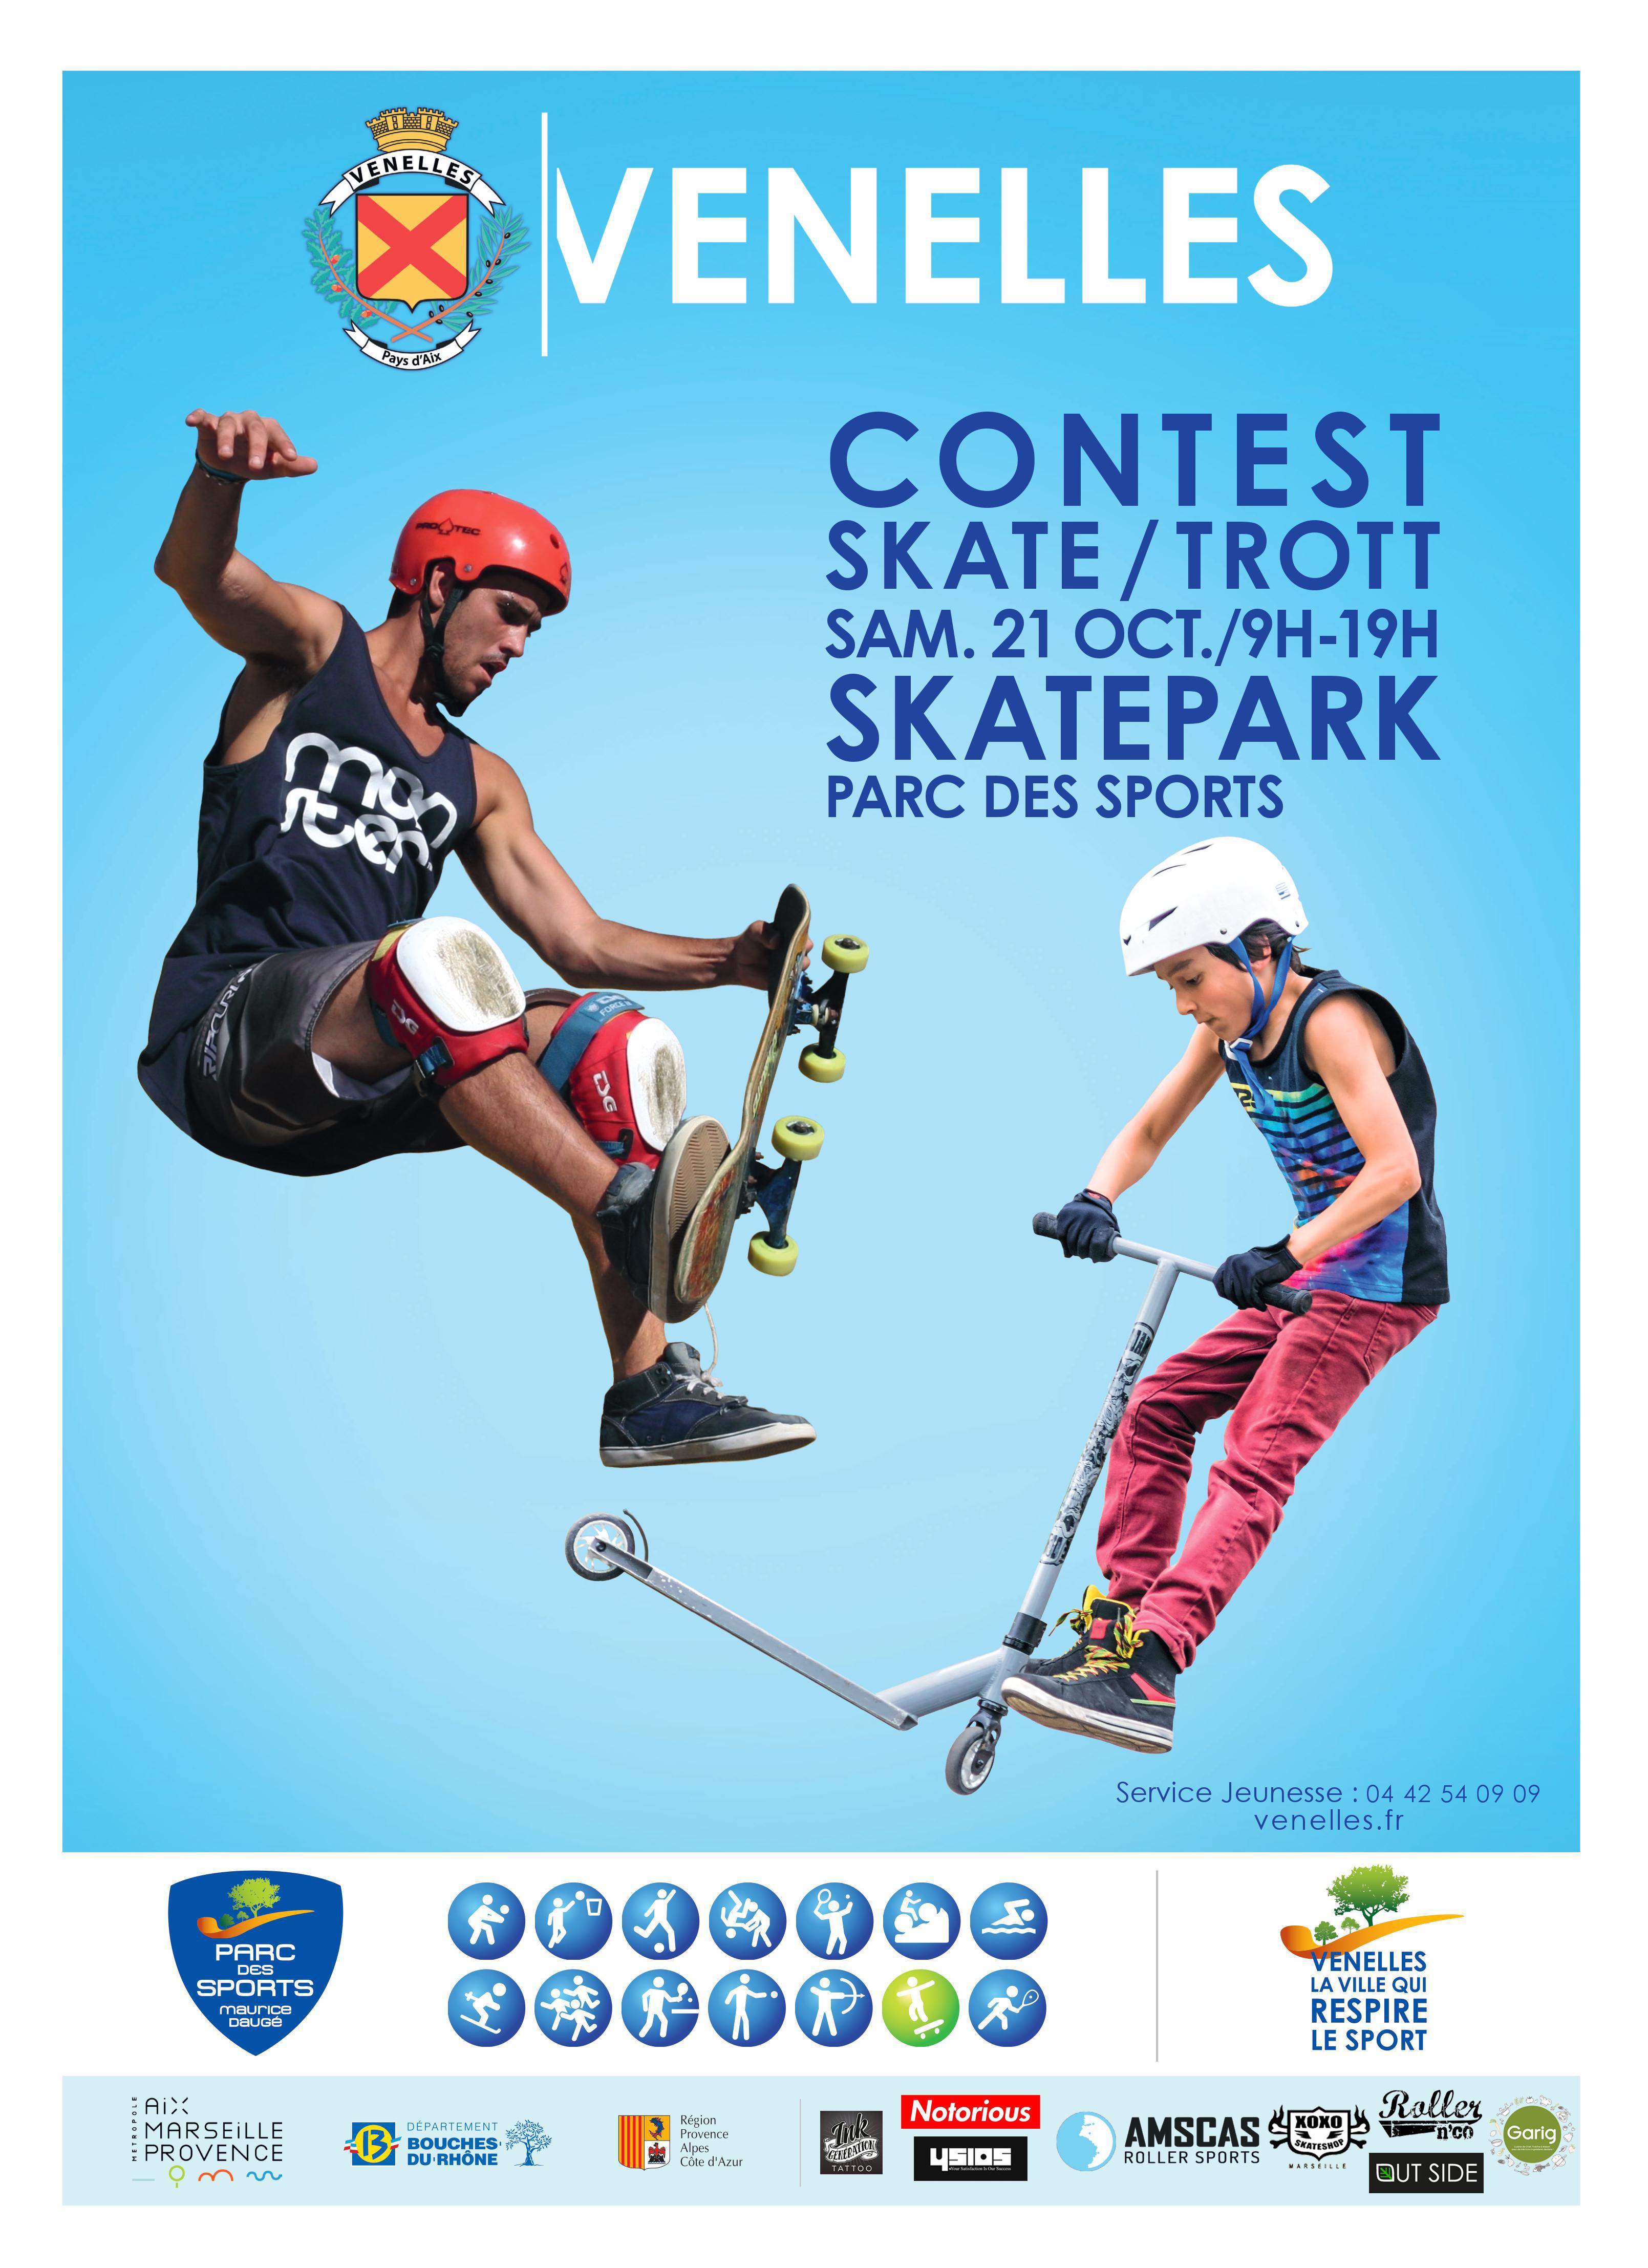 Affiche du skate contest édition 2017 représentant un statuer et un trotteur en train de faire des sauts